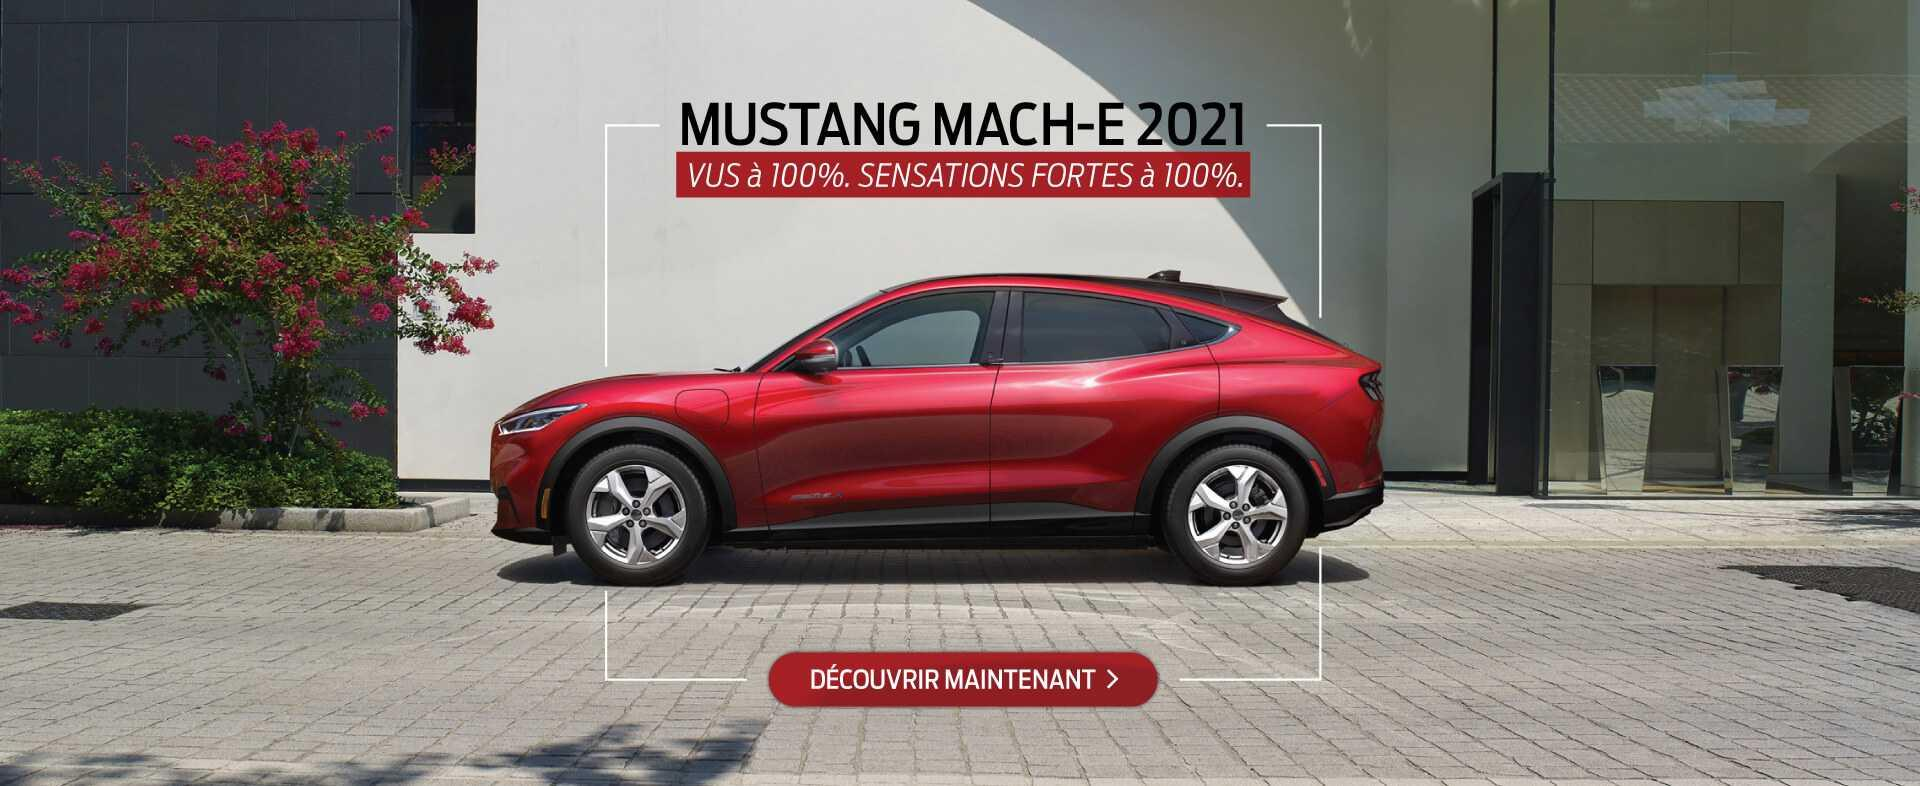 Mustang Mach-E 2021